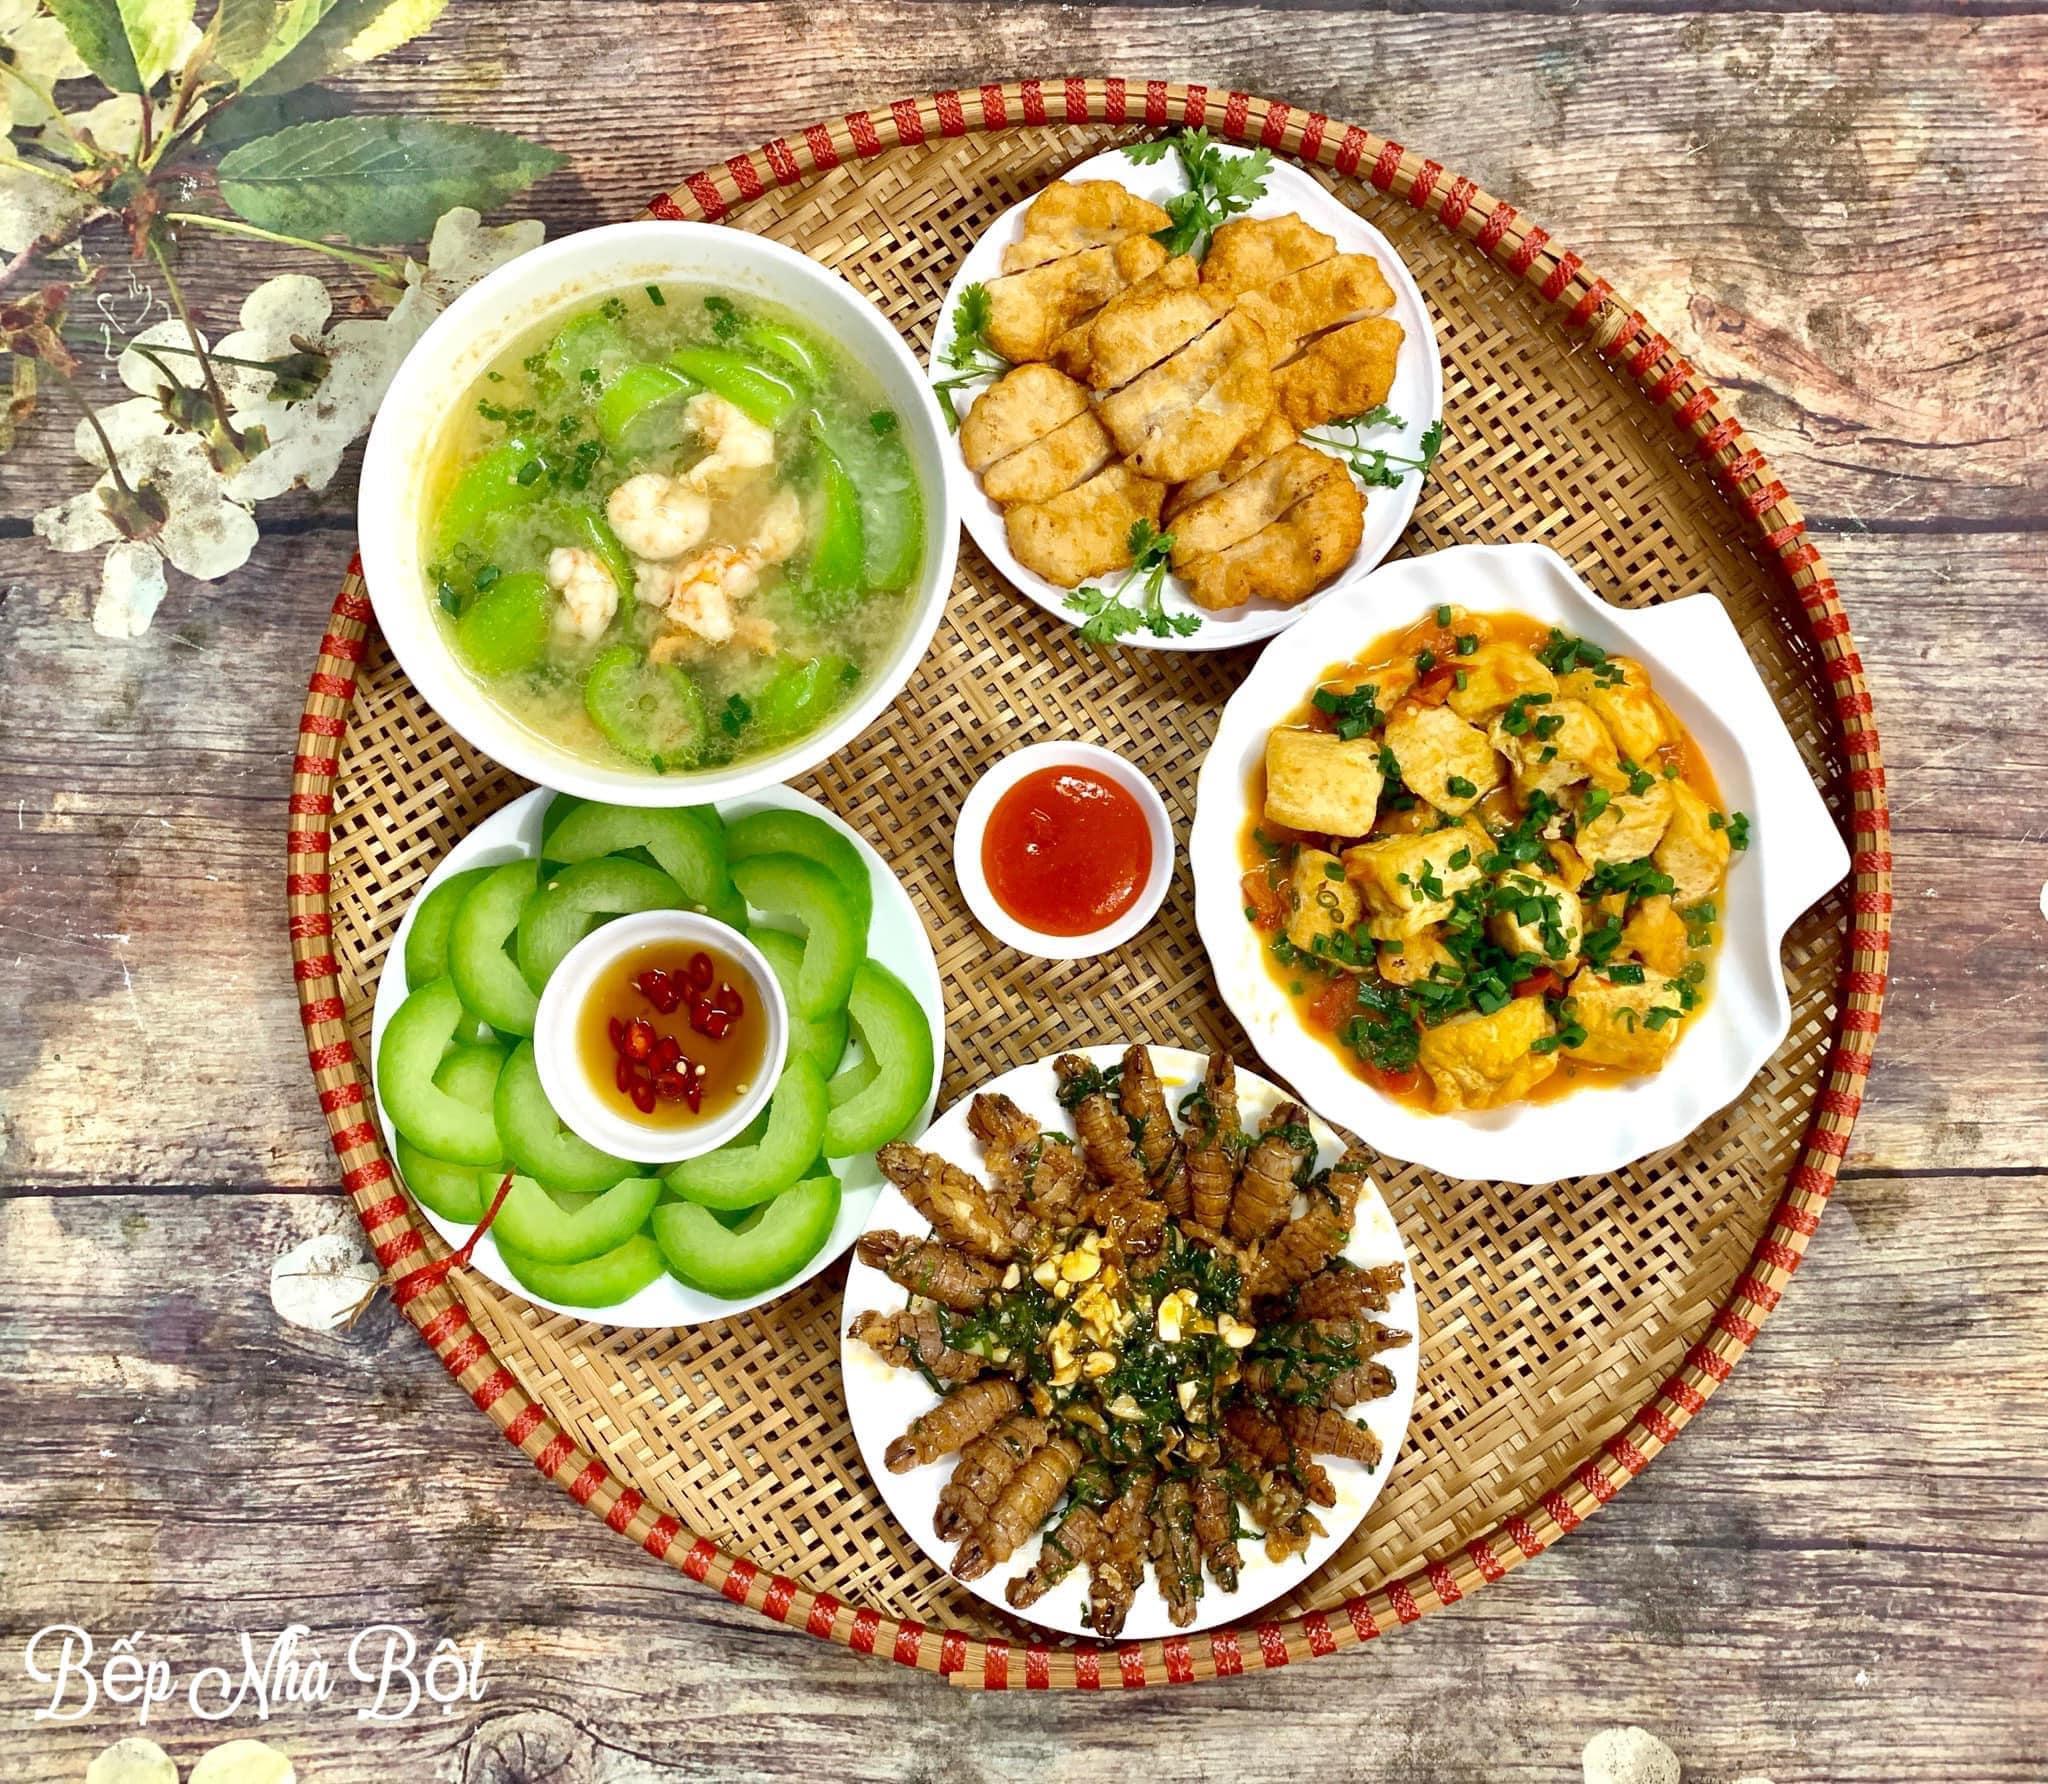 """Mâm cơm chỉ từ 120k của mẹ đơn thân Hà Nội khi coi """"Nấu ăn vì đam mê không phải là trách nhiệm"""" khiến ai nhìn cũng phải xuýt xoa - Ảnh 15."""